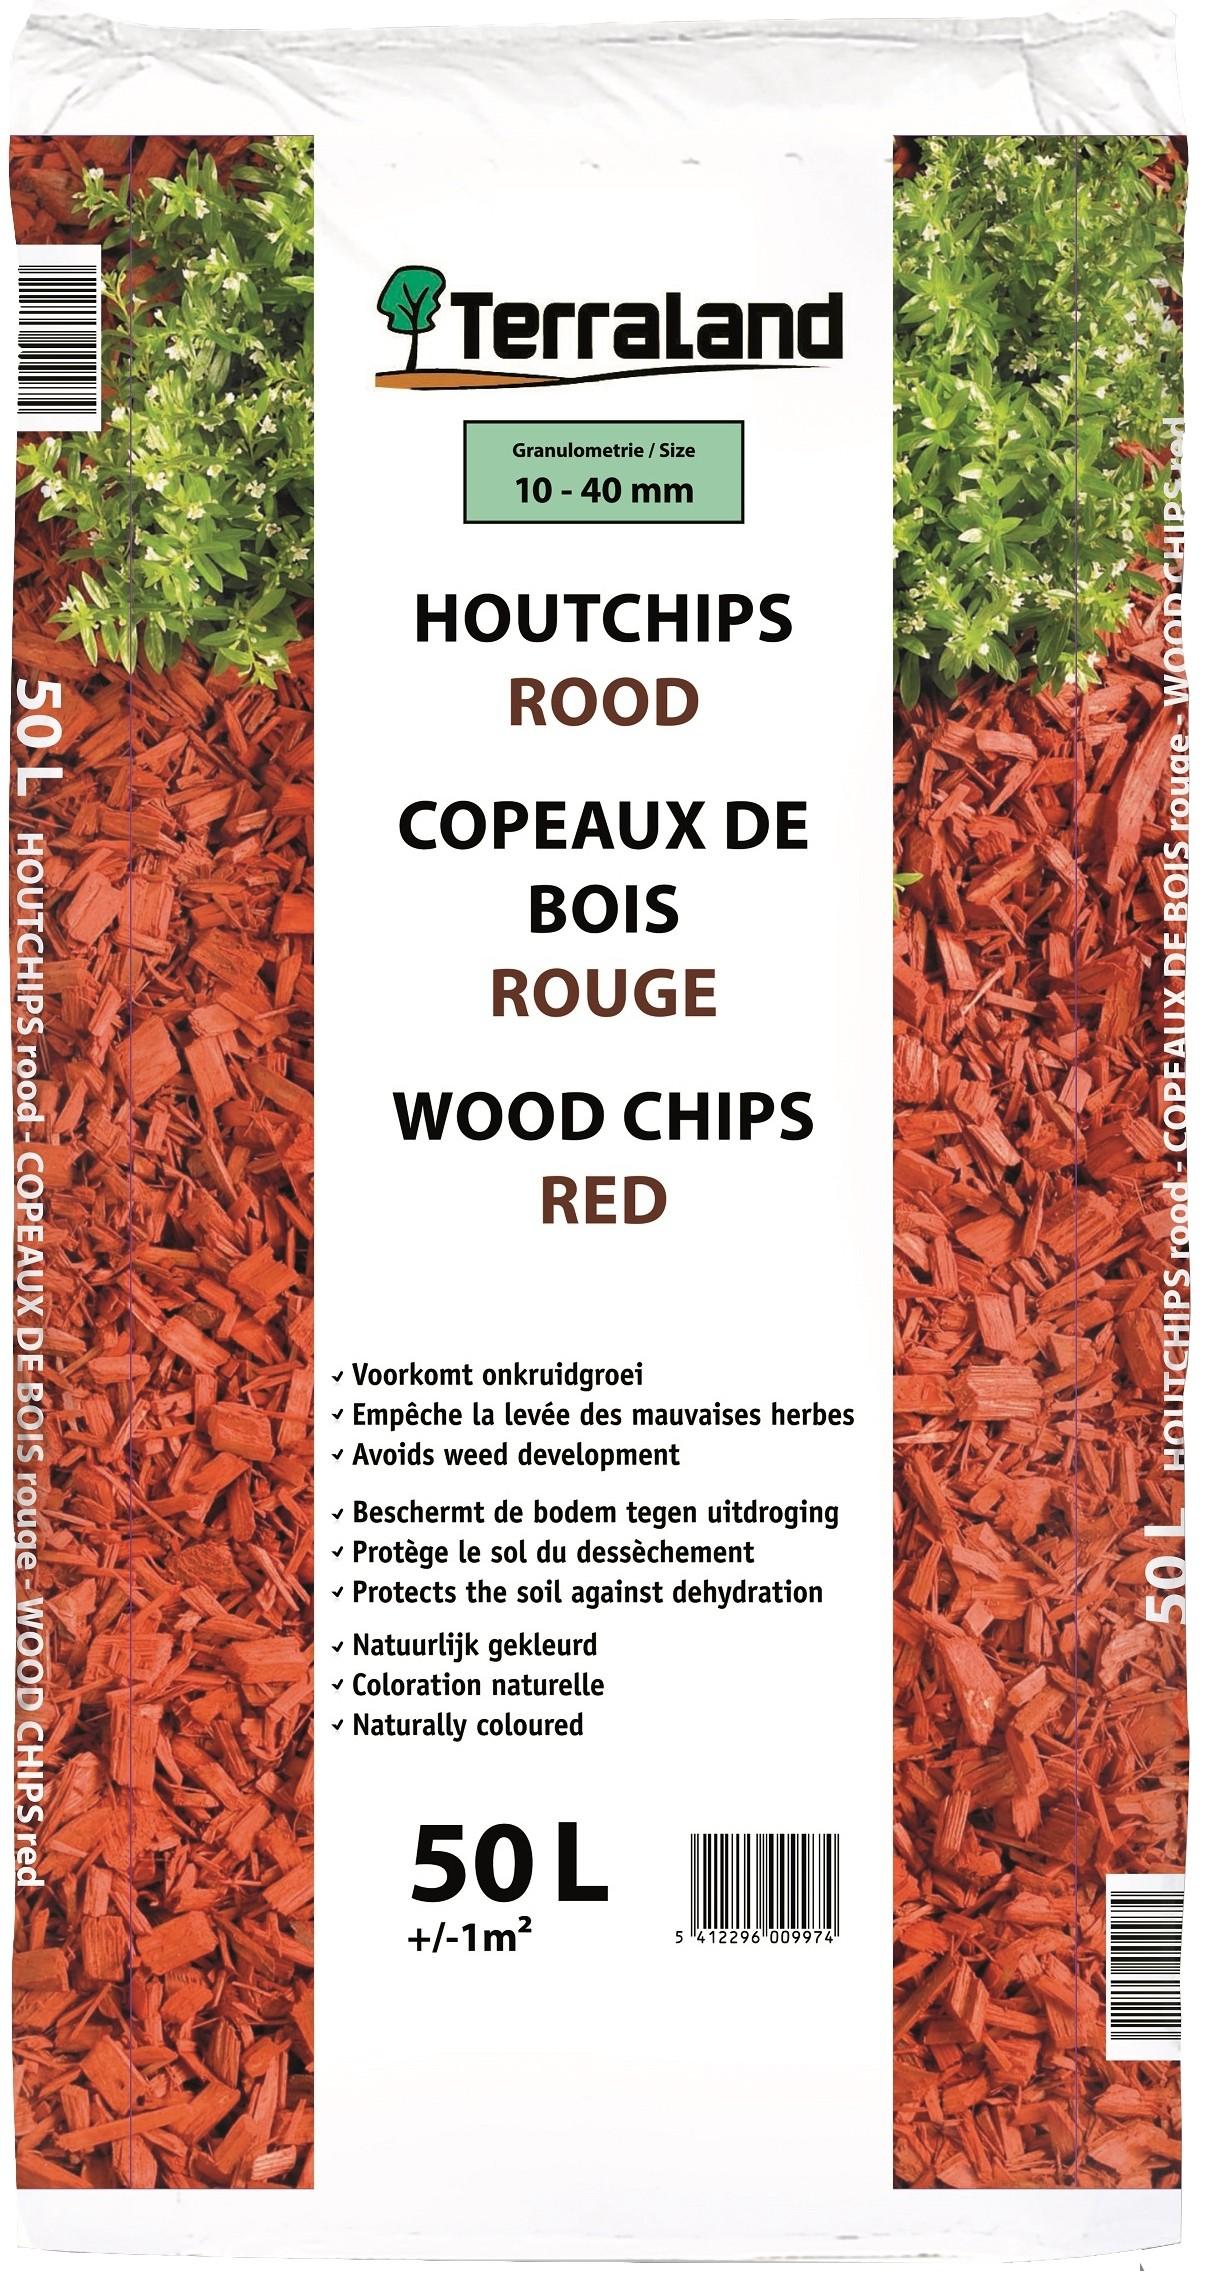 Chic copeaux de bois jardin renaa conception - Utilisation de la sciure de bois au jardin ...